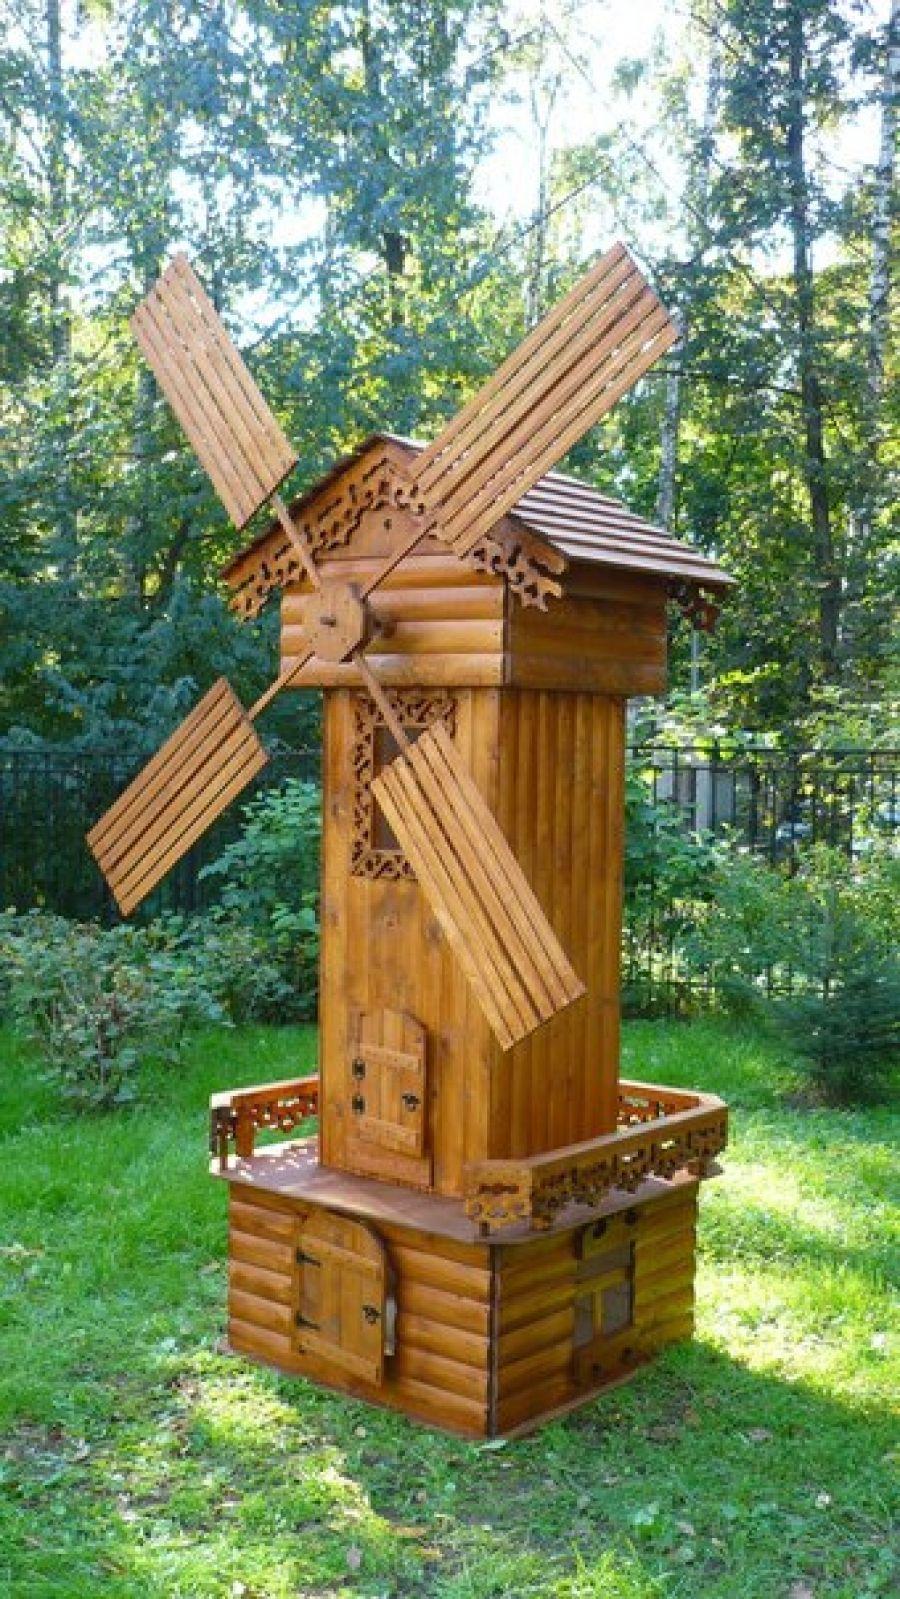 windmill for garden | 898 ideas for garden | Pinterest | Windmill